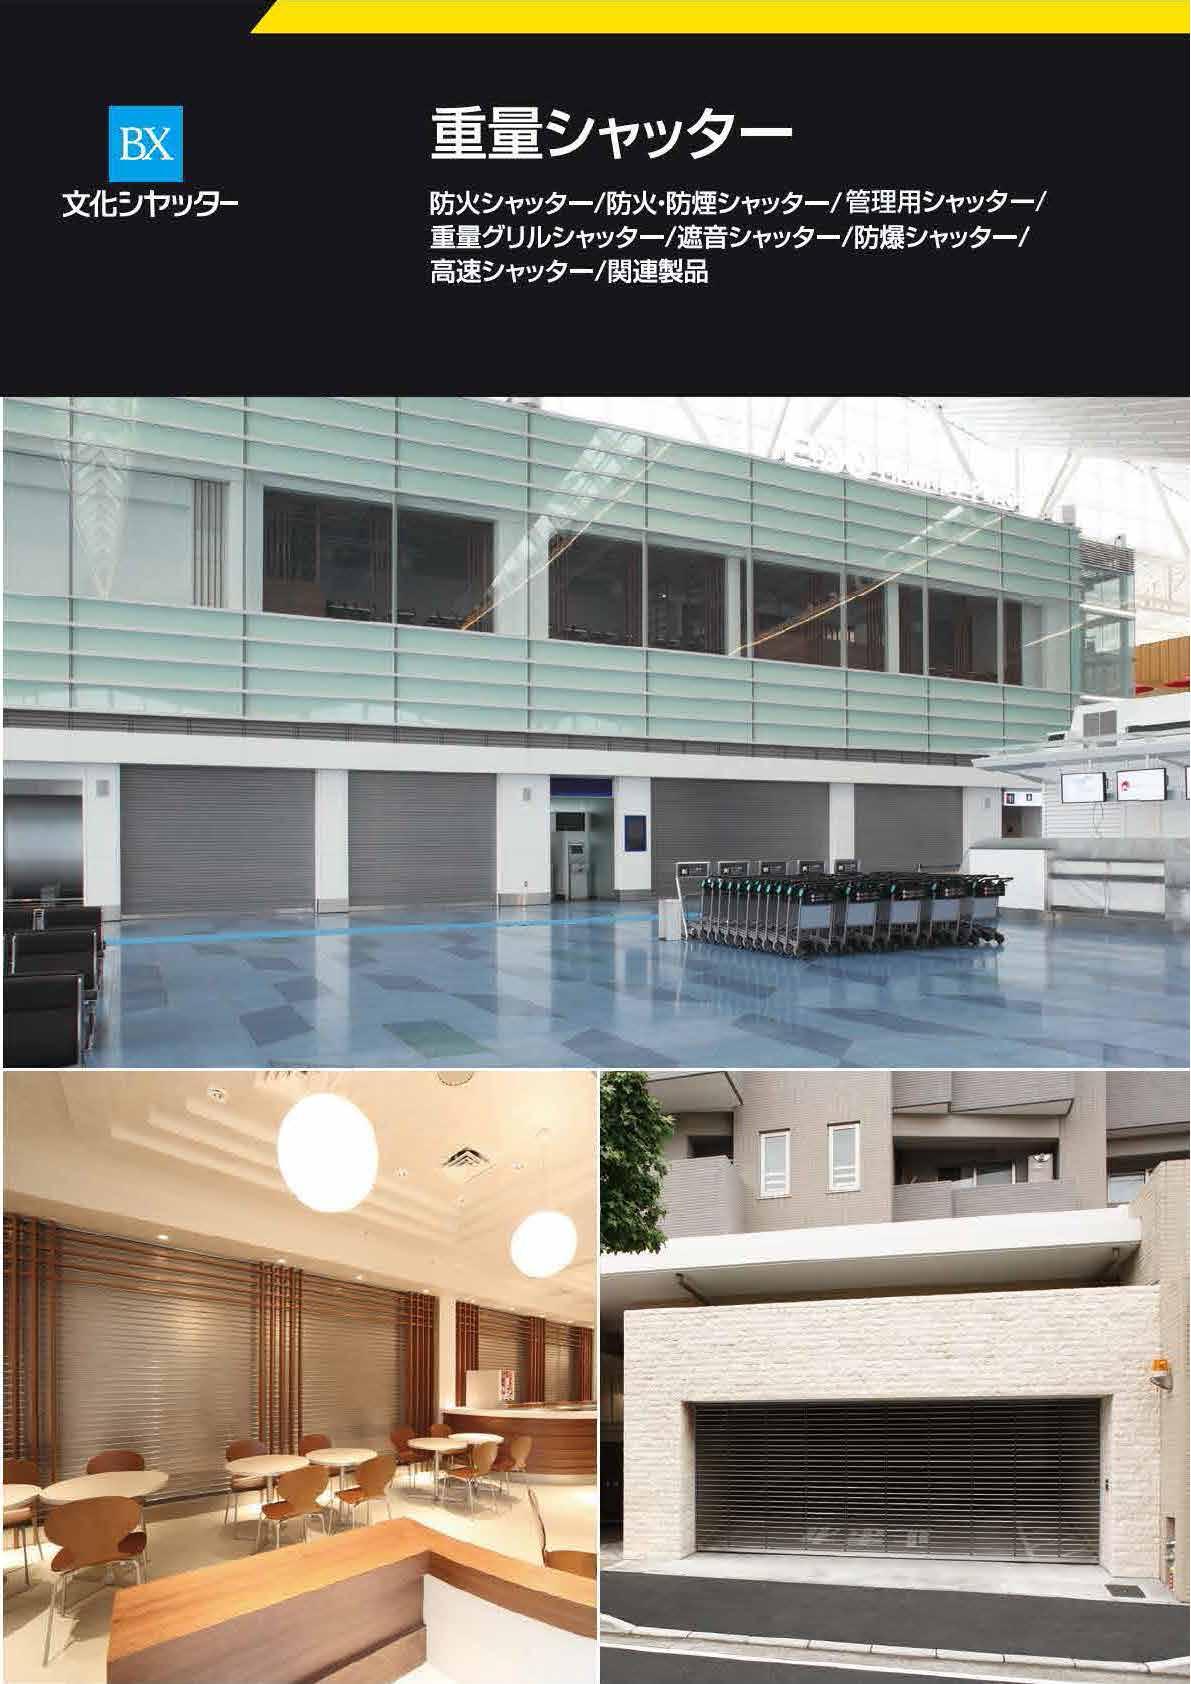 文化シヤッター『重量シャッターシリーズ』 総合カタログ ...